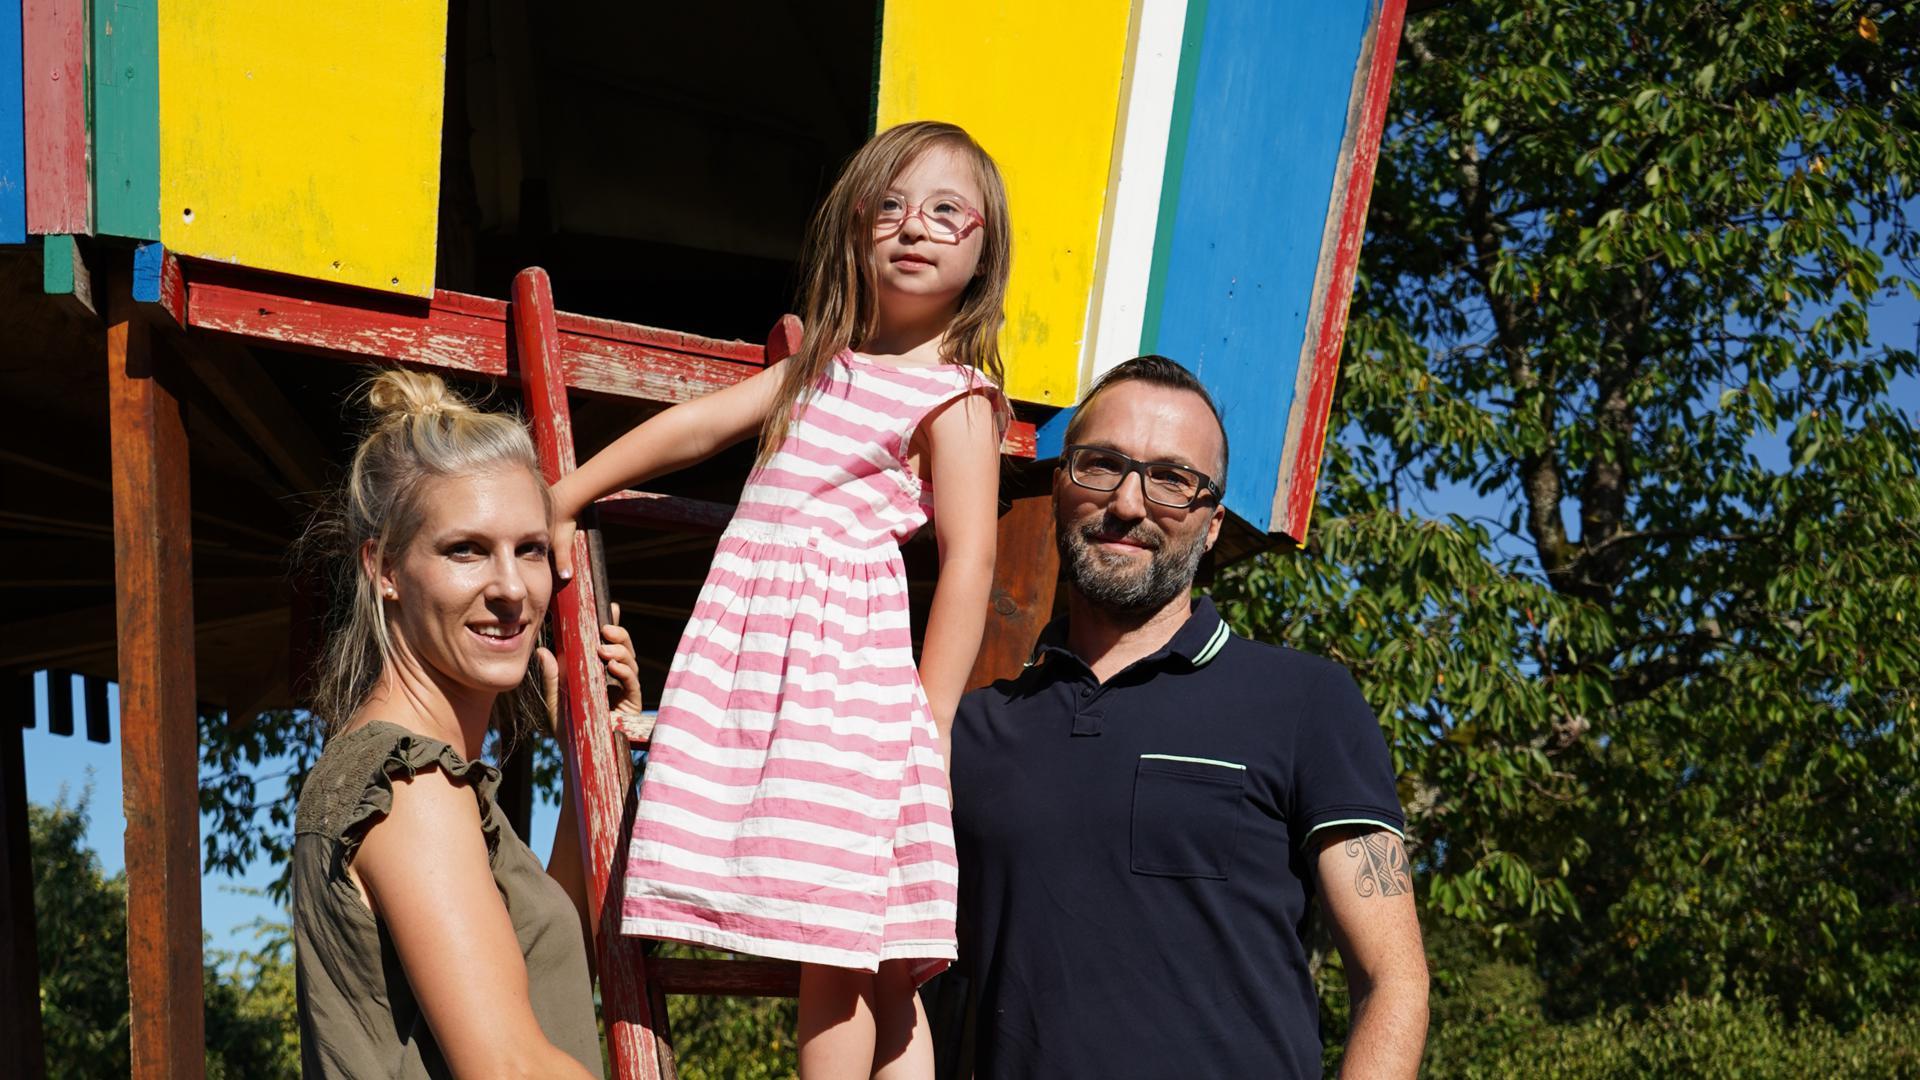 Simone Jahraus, Ida Jahraus und Thorsten Jahraus am Baumhaus in ihrem Garten in Linkenheim.